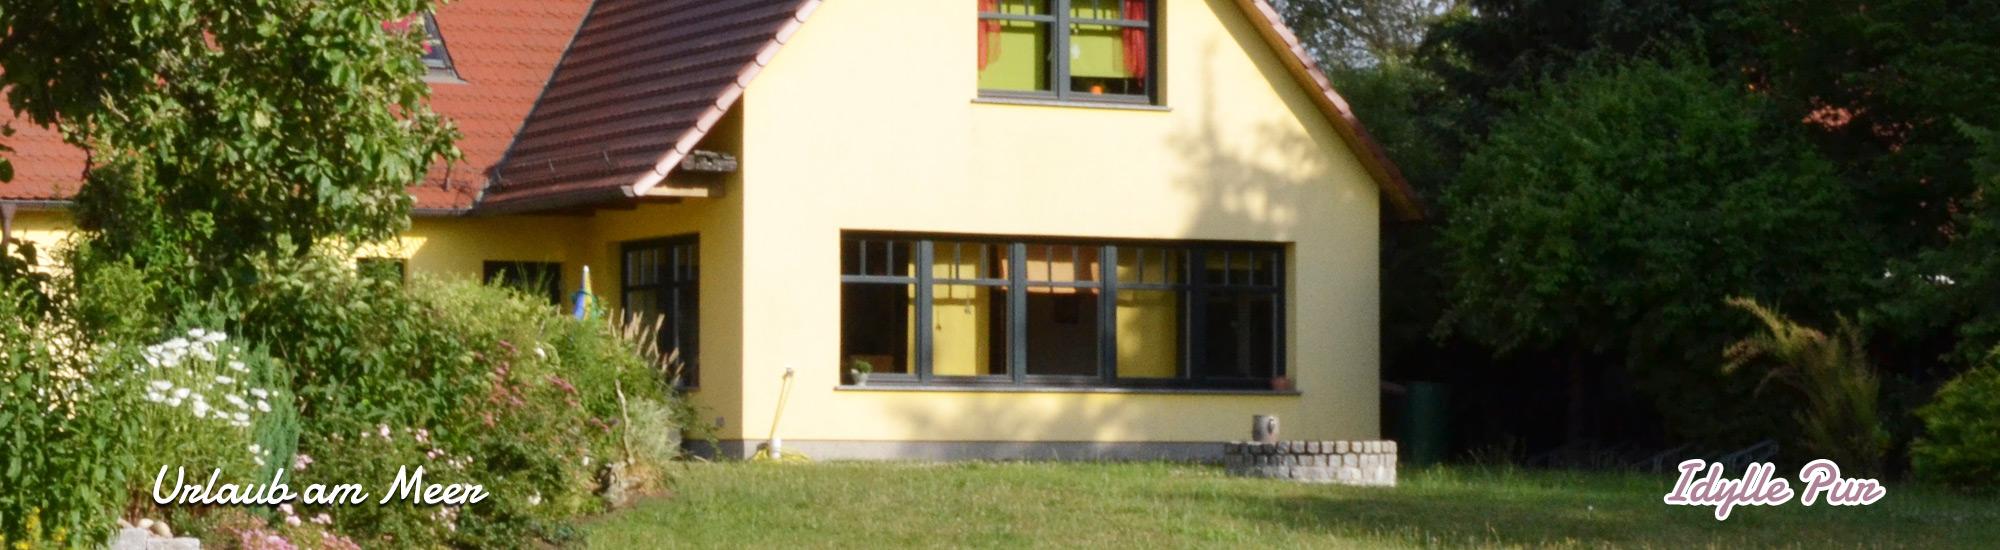 Landhaus-stine-aussenaufnahme_2 - Landhaus Stine